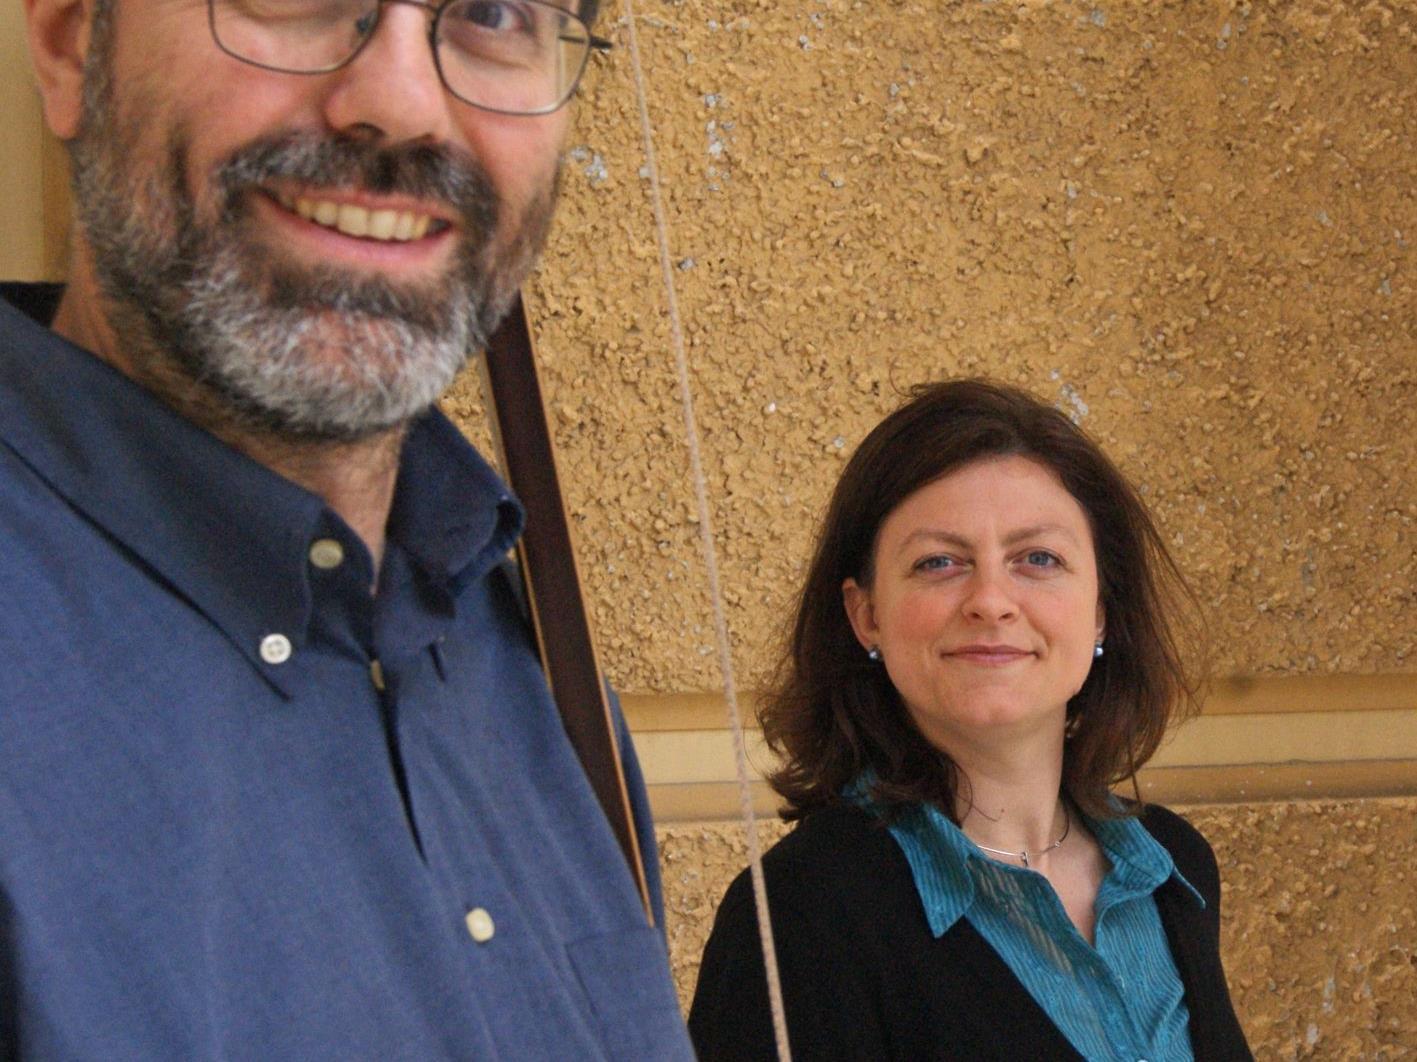 Die Organistin Silva Manfrè und der Lautenist Pietro Prosser konzertieren in Bludenz.